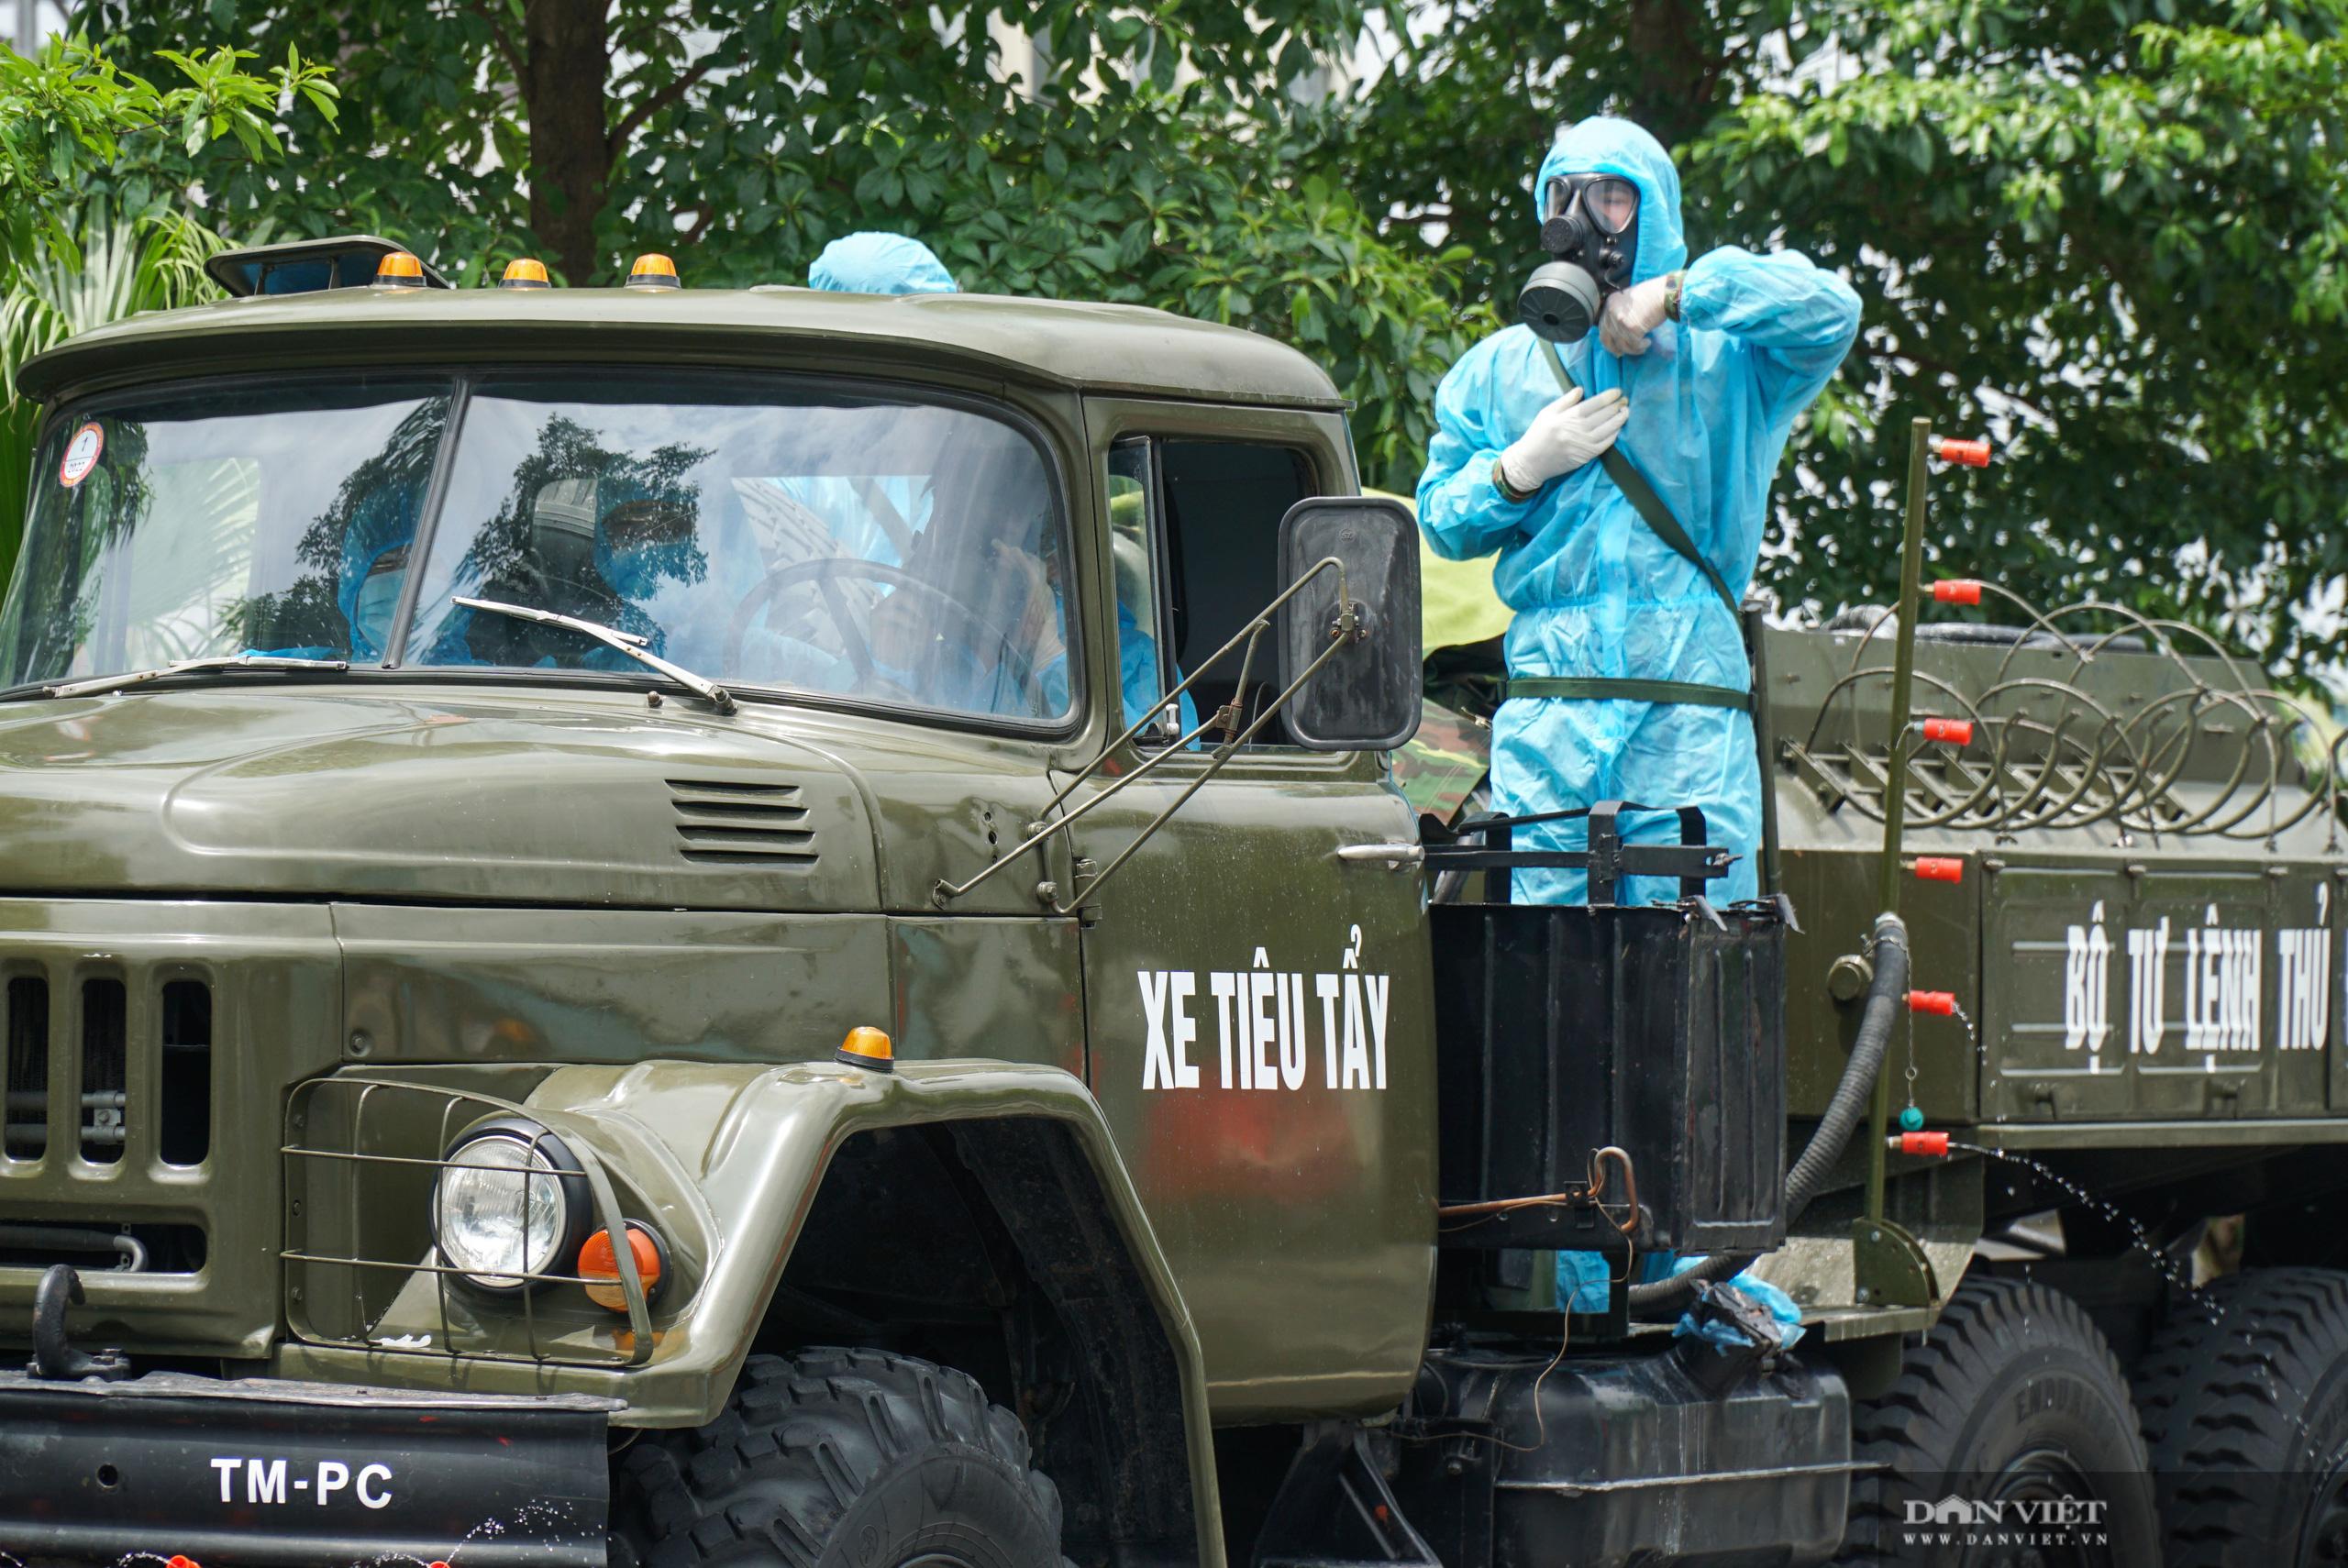 Phun khử trùng, tiêu độc bệnh viện K Tân Triều sau khi bị phong tỏa - Ảnh 5.